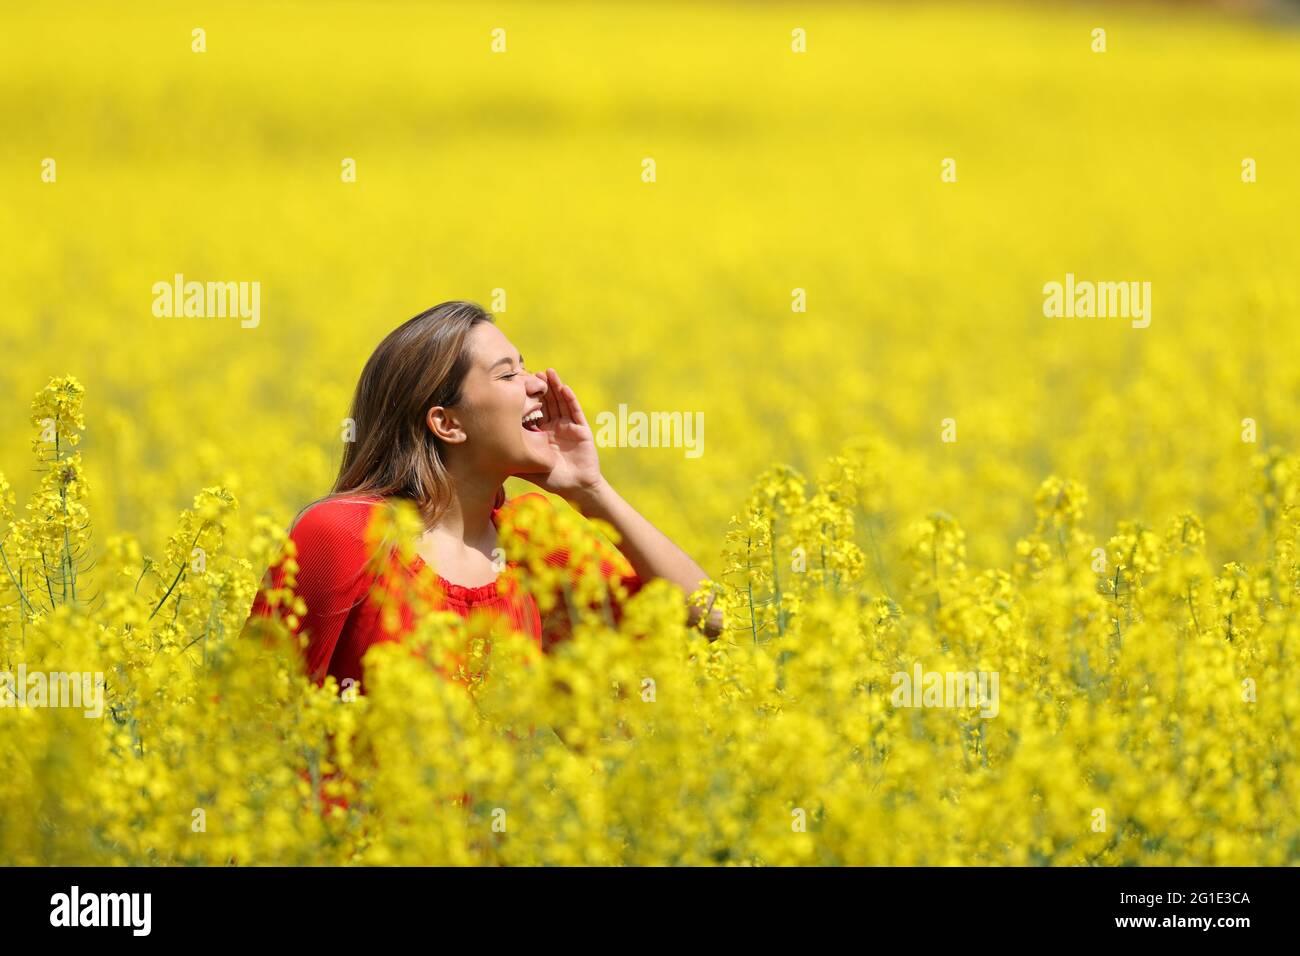 Portrait d'une femme heureuse en rouge criant dans un champ jaune au printemps Banque D'Images